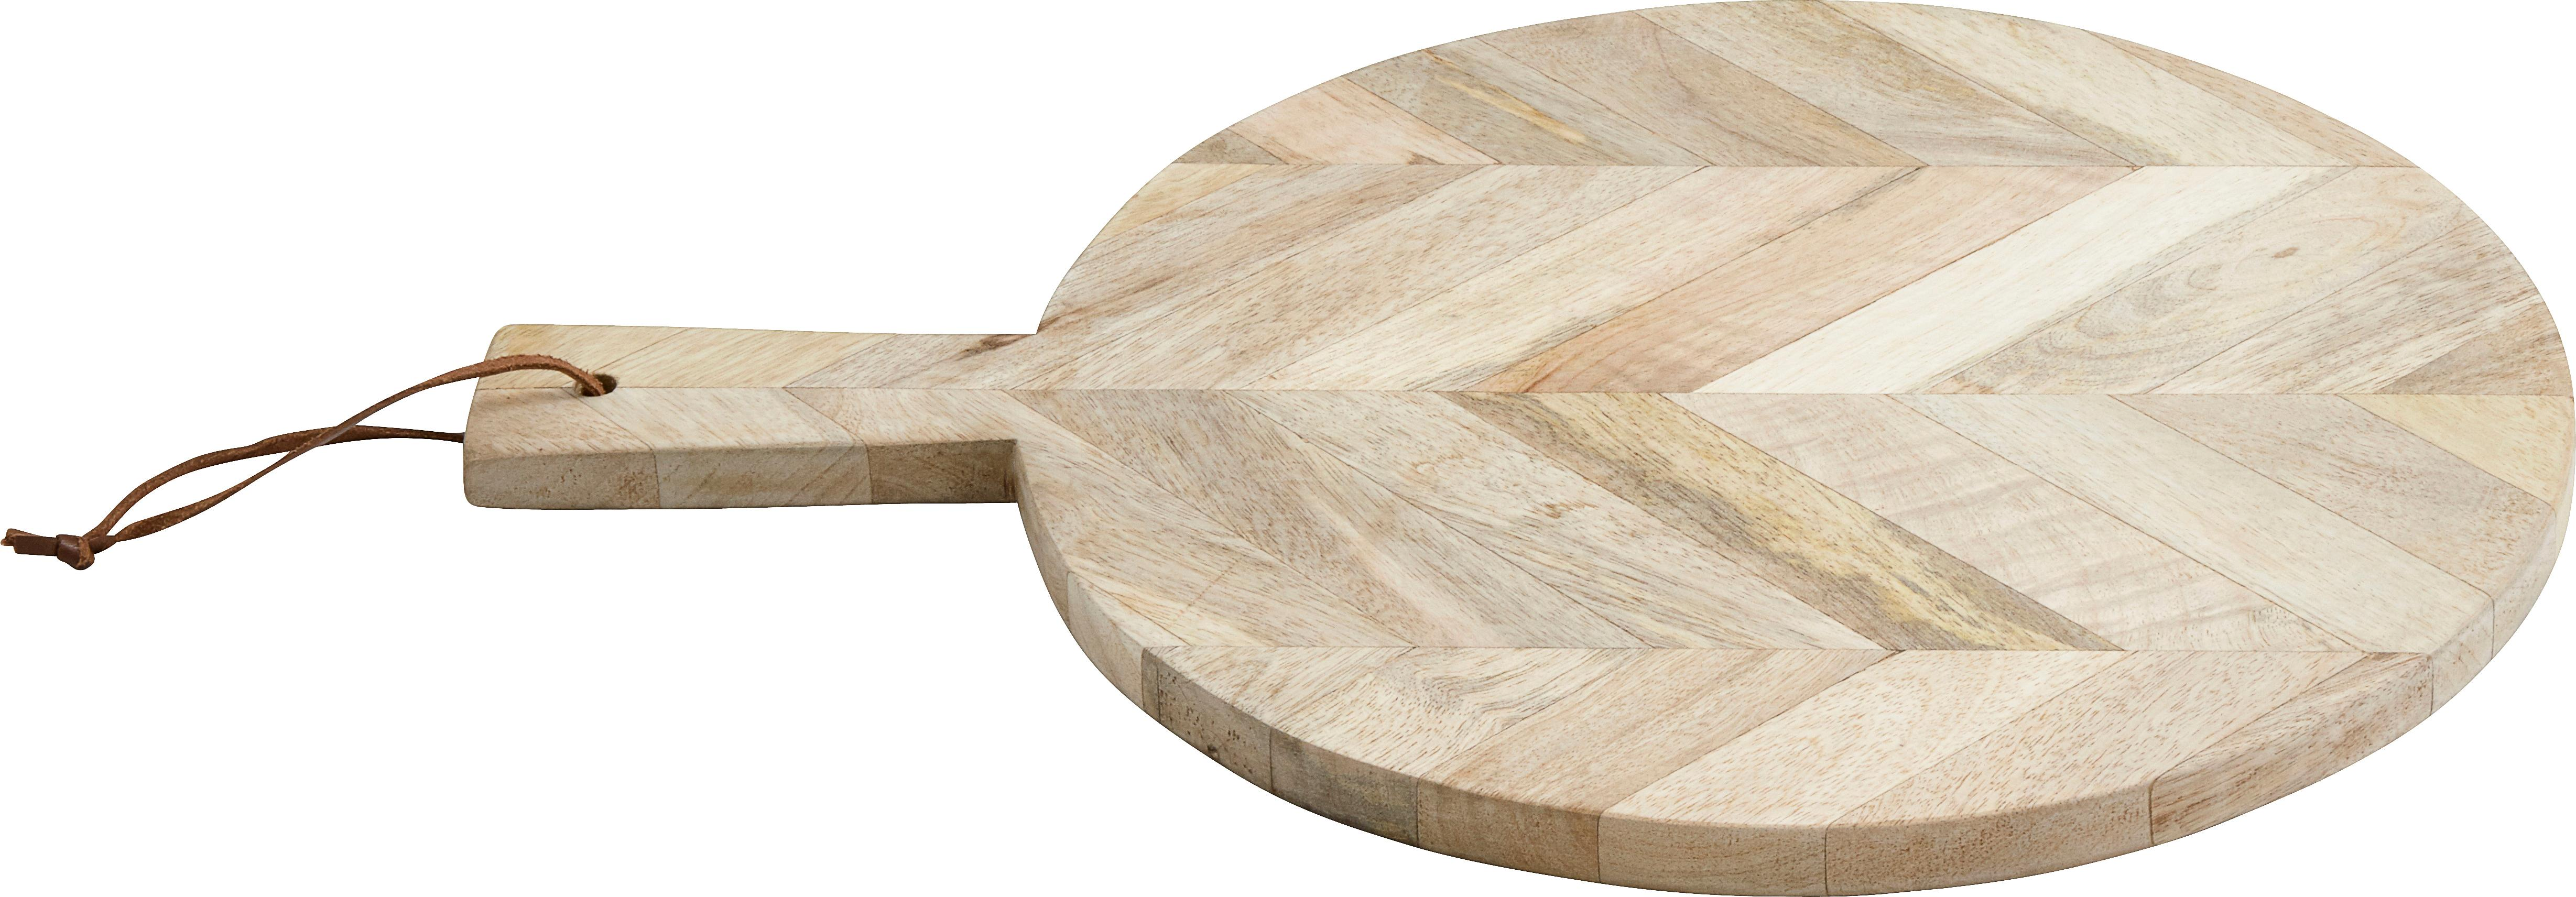 Schneidebrett Herringbone, Mangoholz, Leder, Mangoholz, Ø 32 x T 43 cm